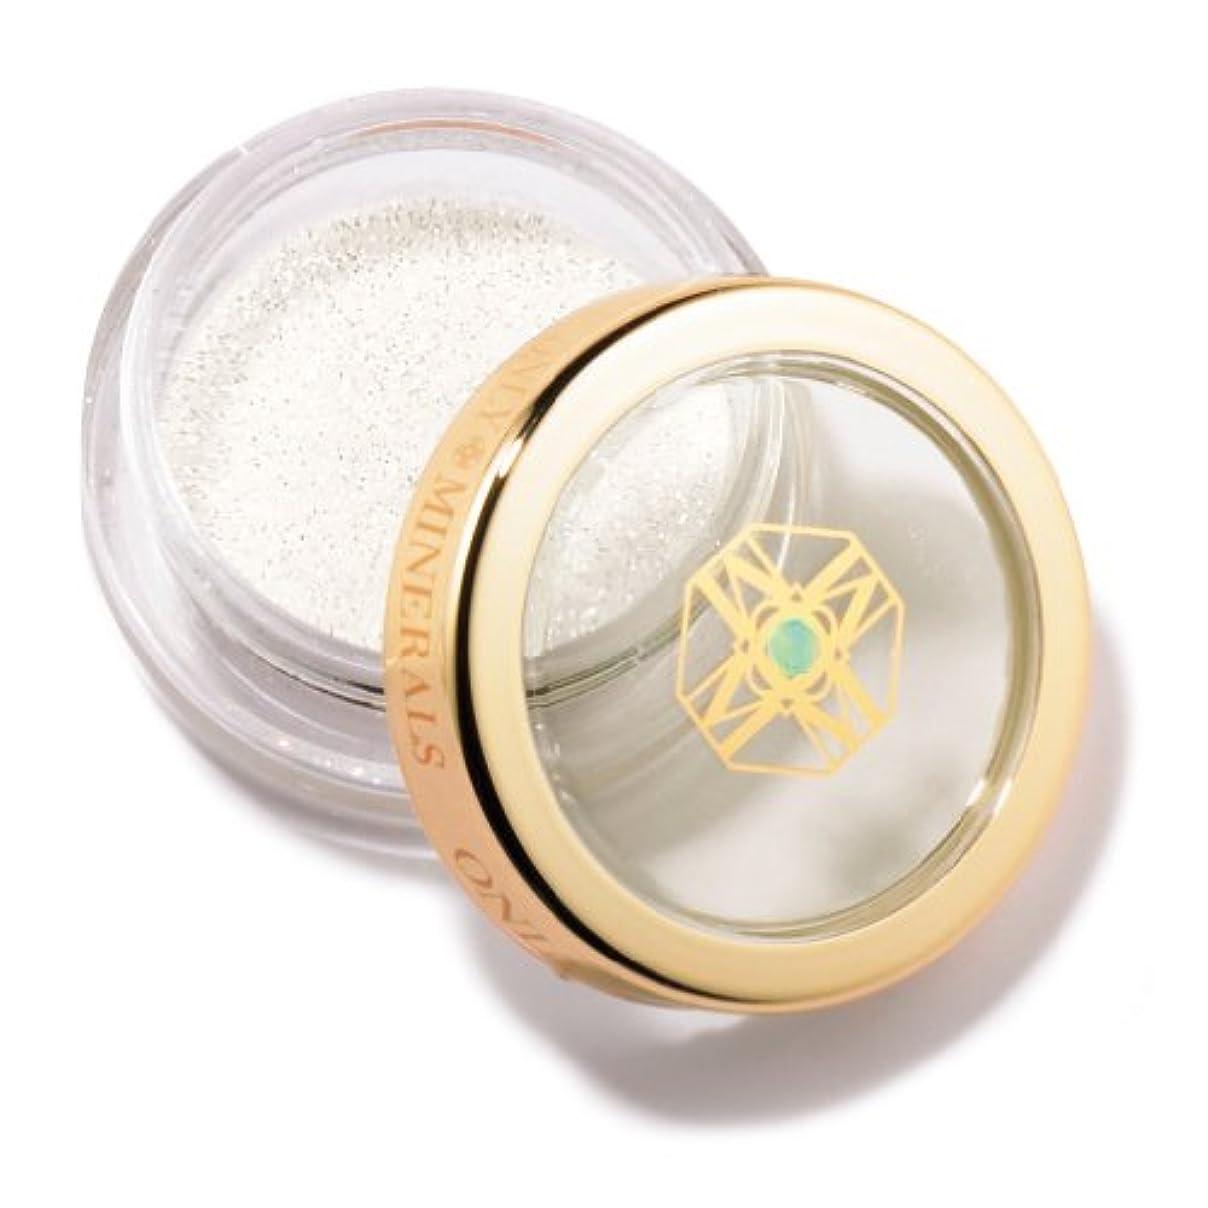 存在破壊的使役オンリーミネラル アイシャドウ ダイヤモンド 1g